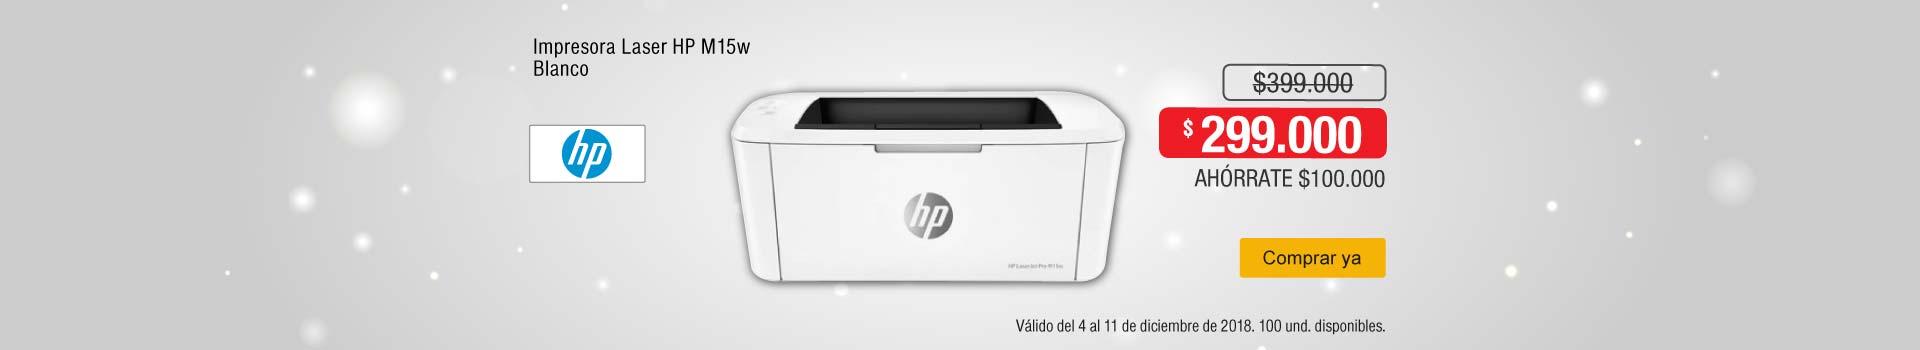 AK-KT-BCAT-1-impresion-PP---HP-Impresora Laser M15w-dic8